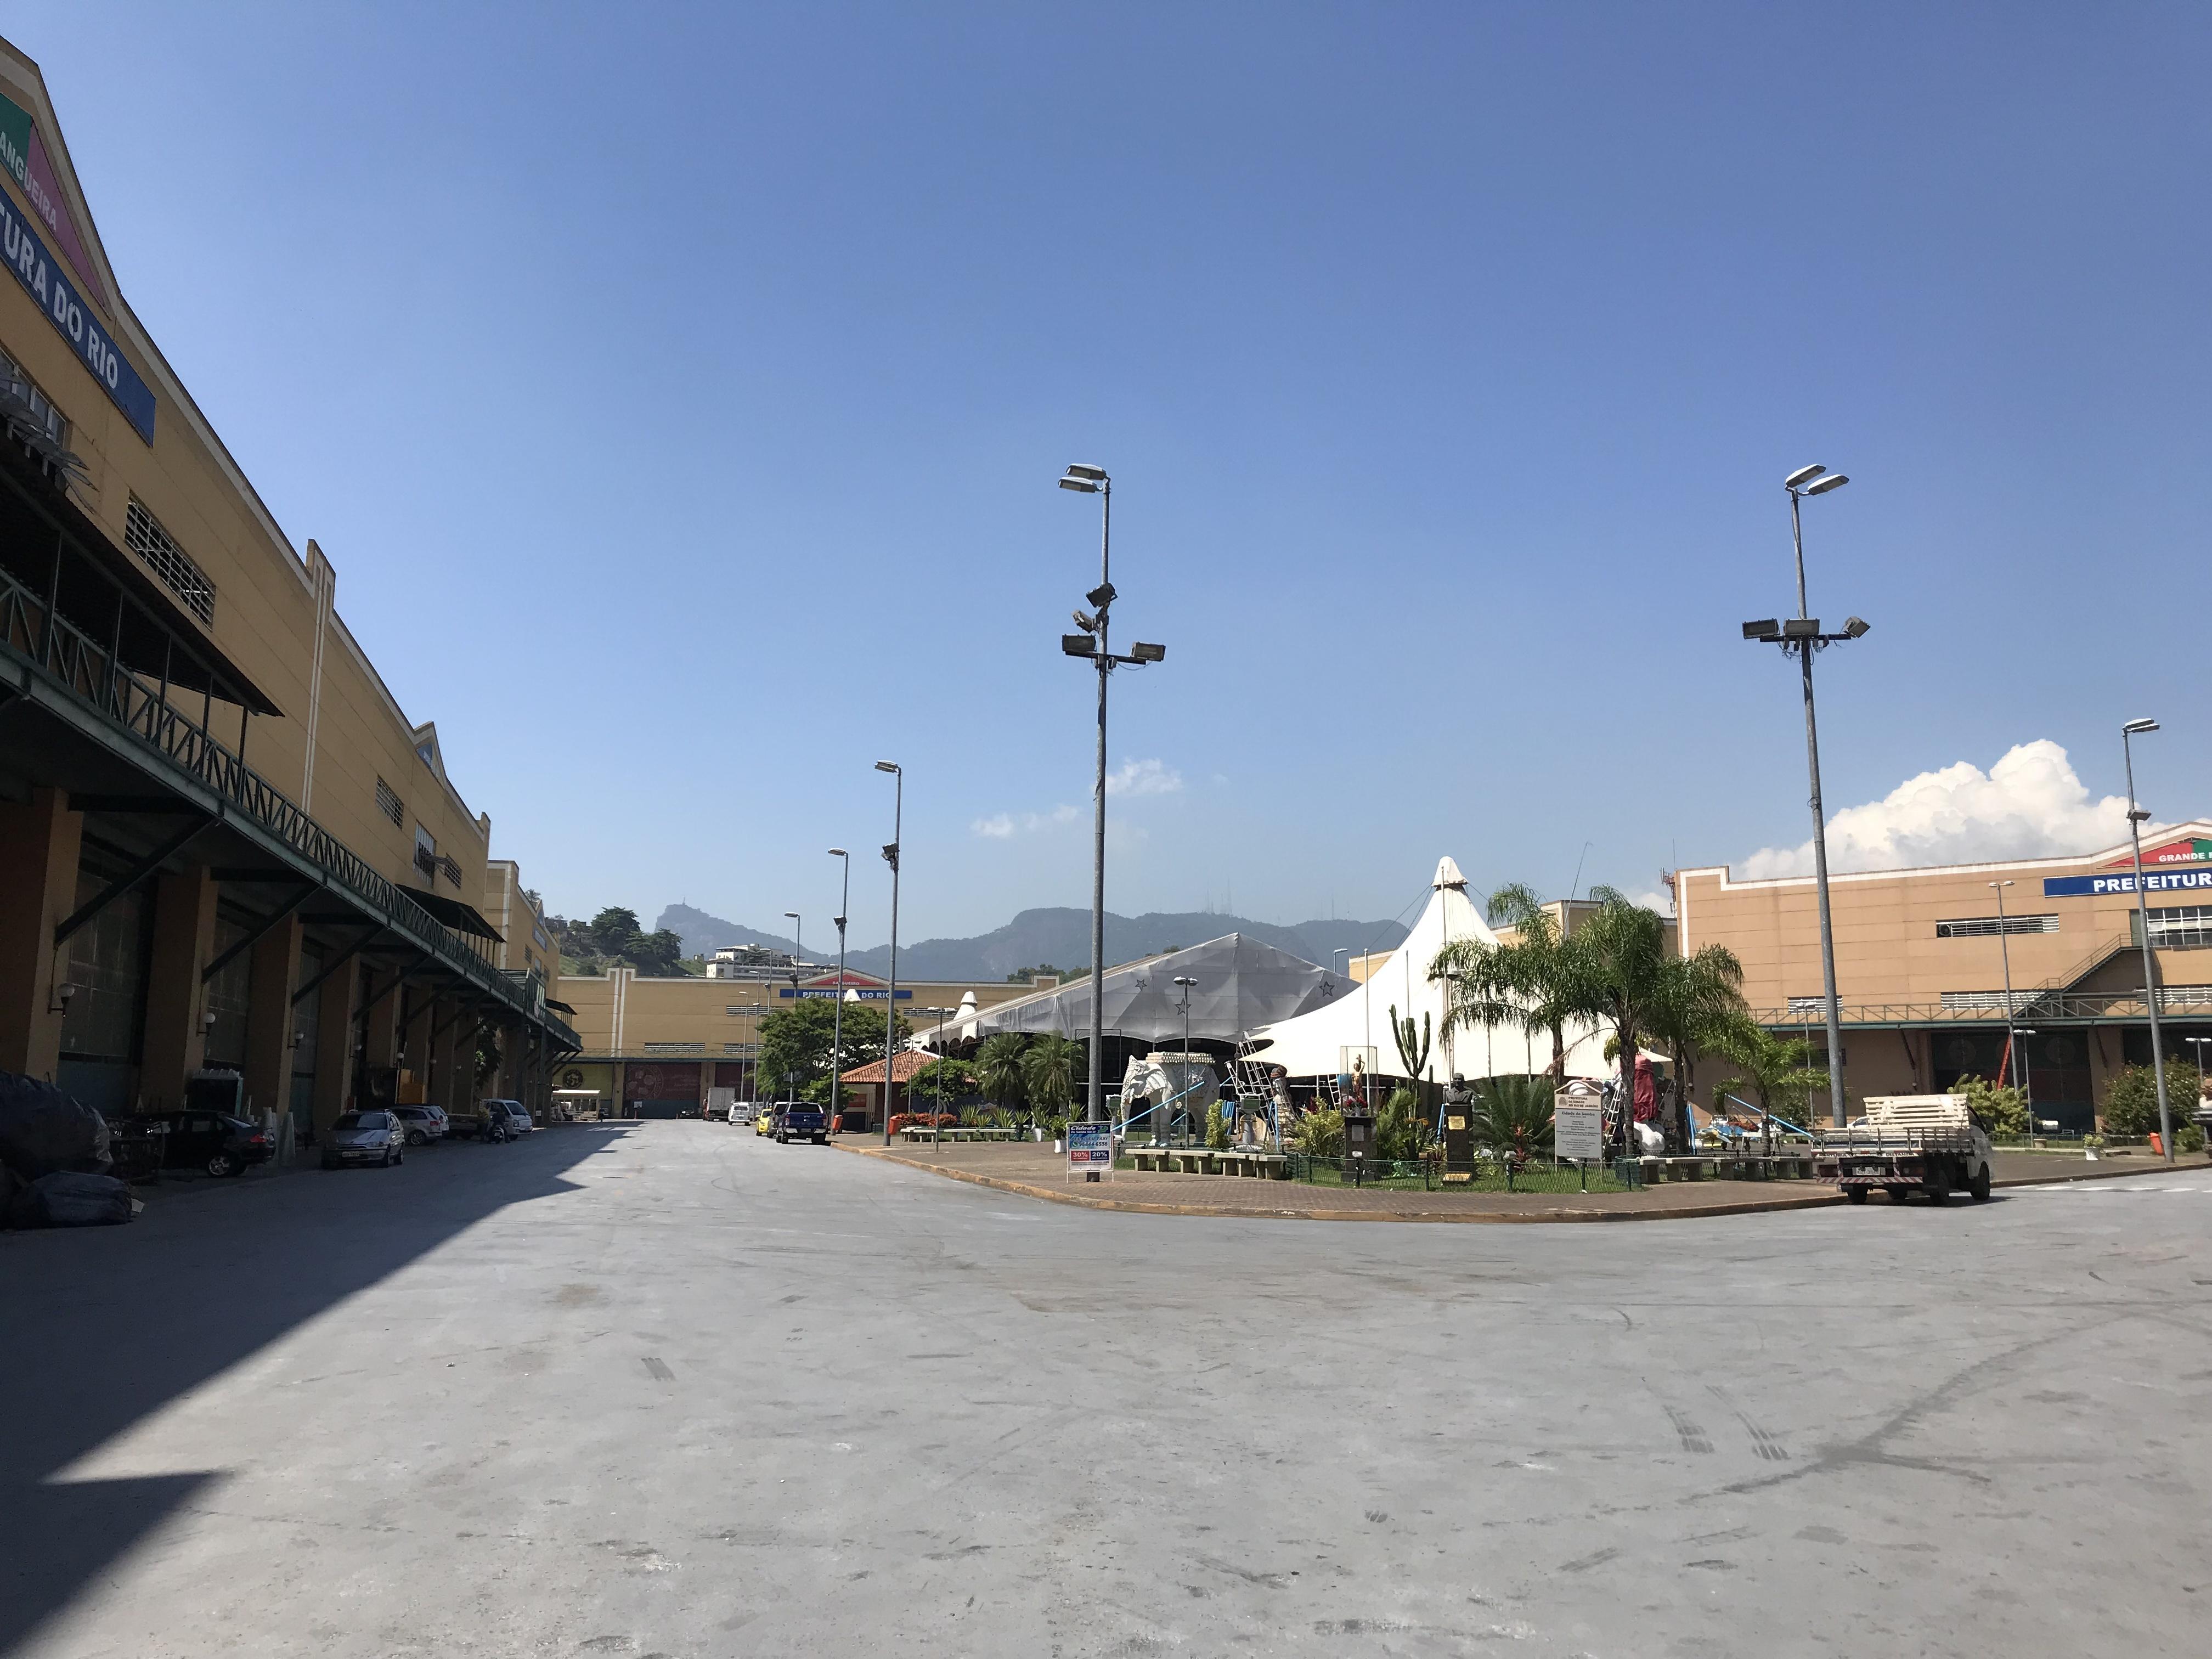 Barracão da Grande Rio Carnaval Experience